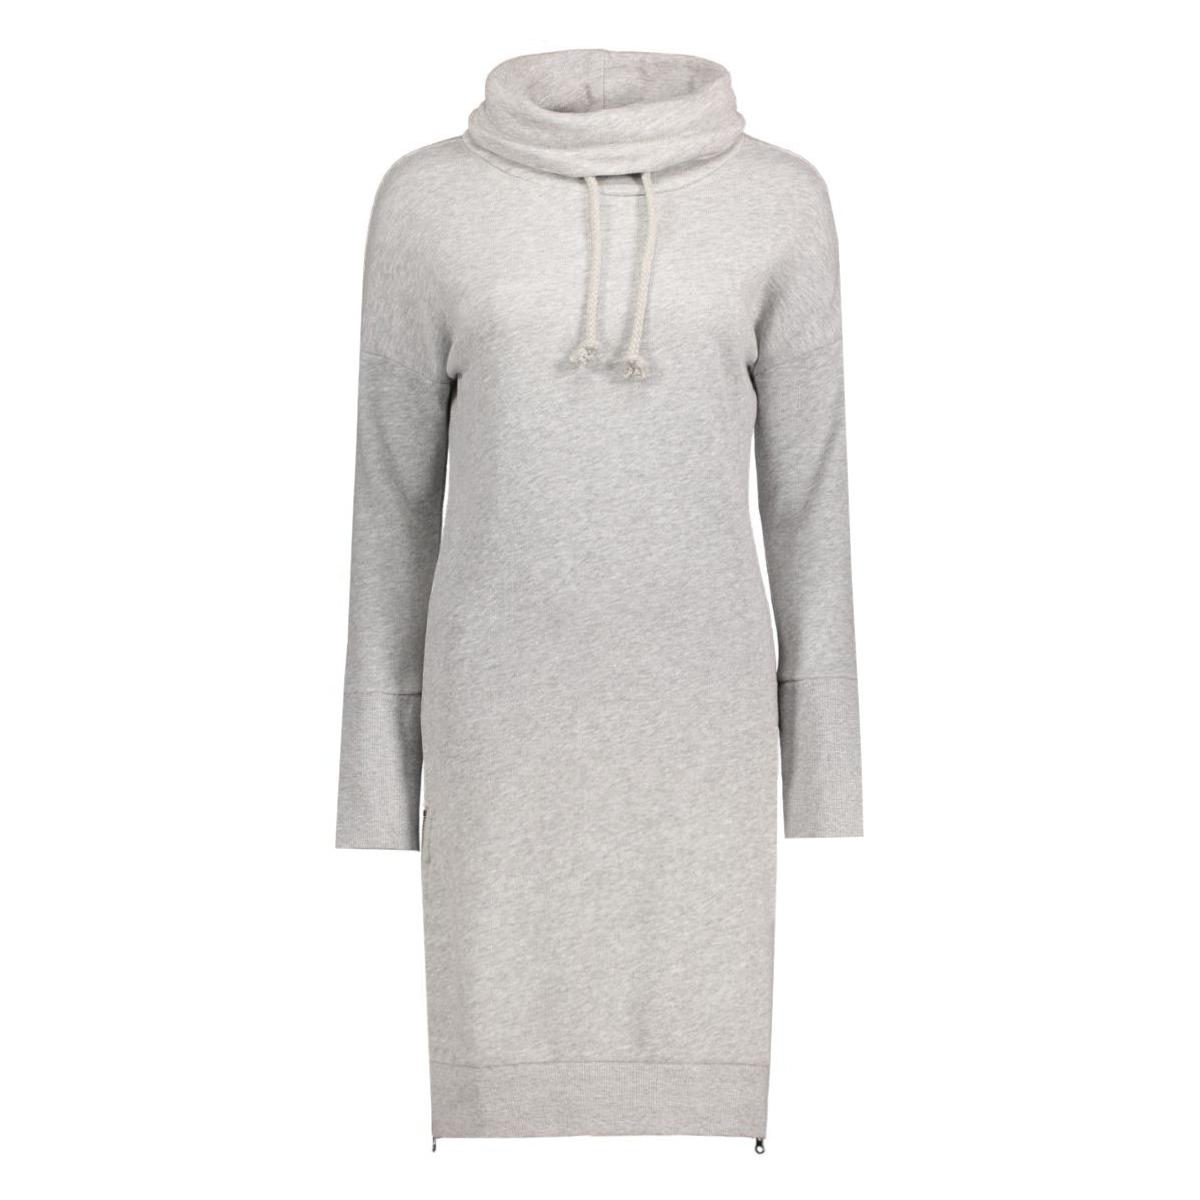 onljane highneck long l/s swt 15126843 only sweater light grey melange